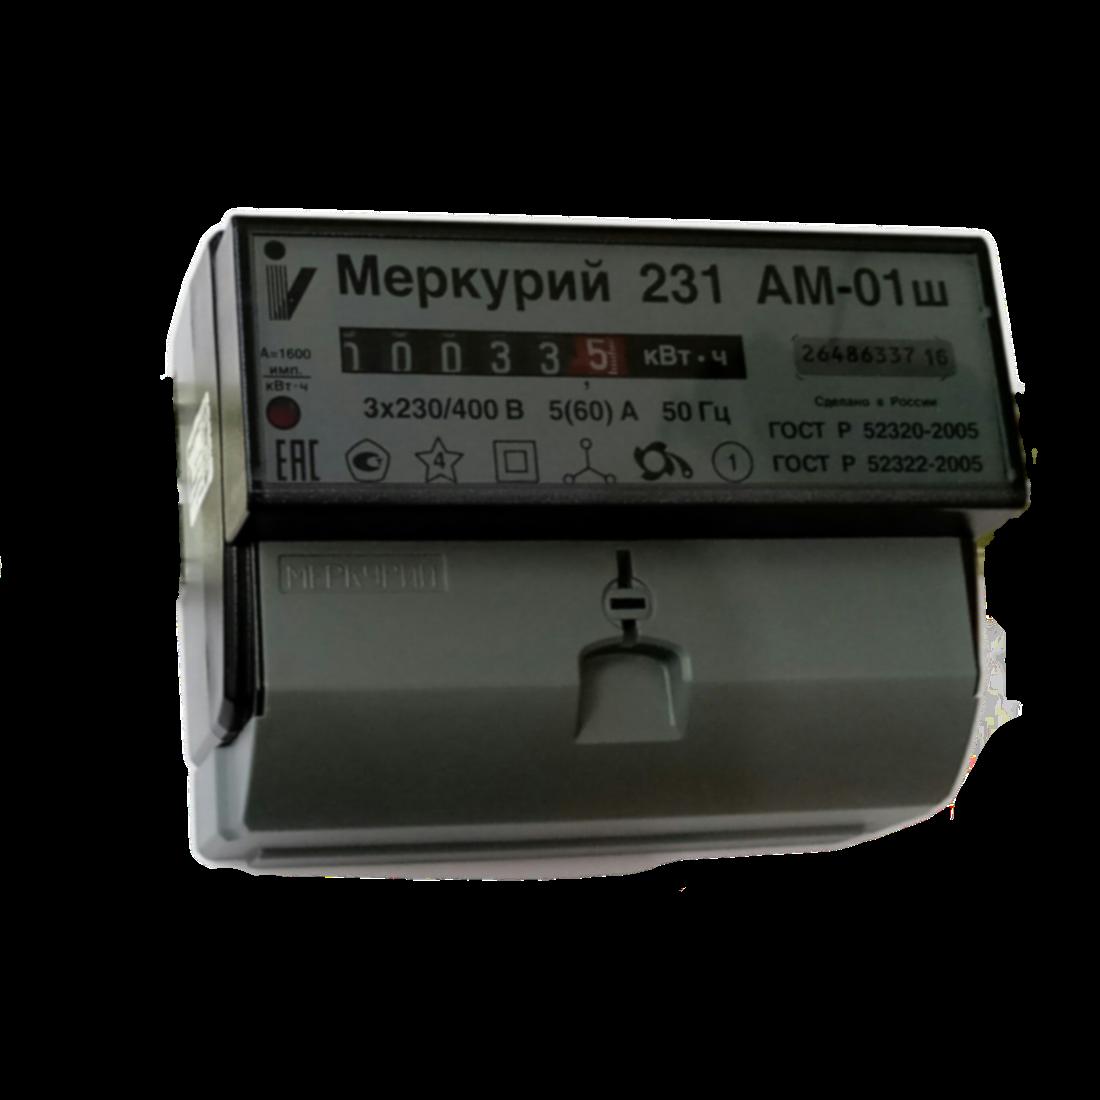 Счётчик Меркурий 231 АМ-01Ш трёхфазный